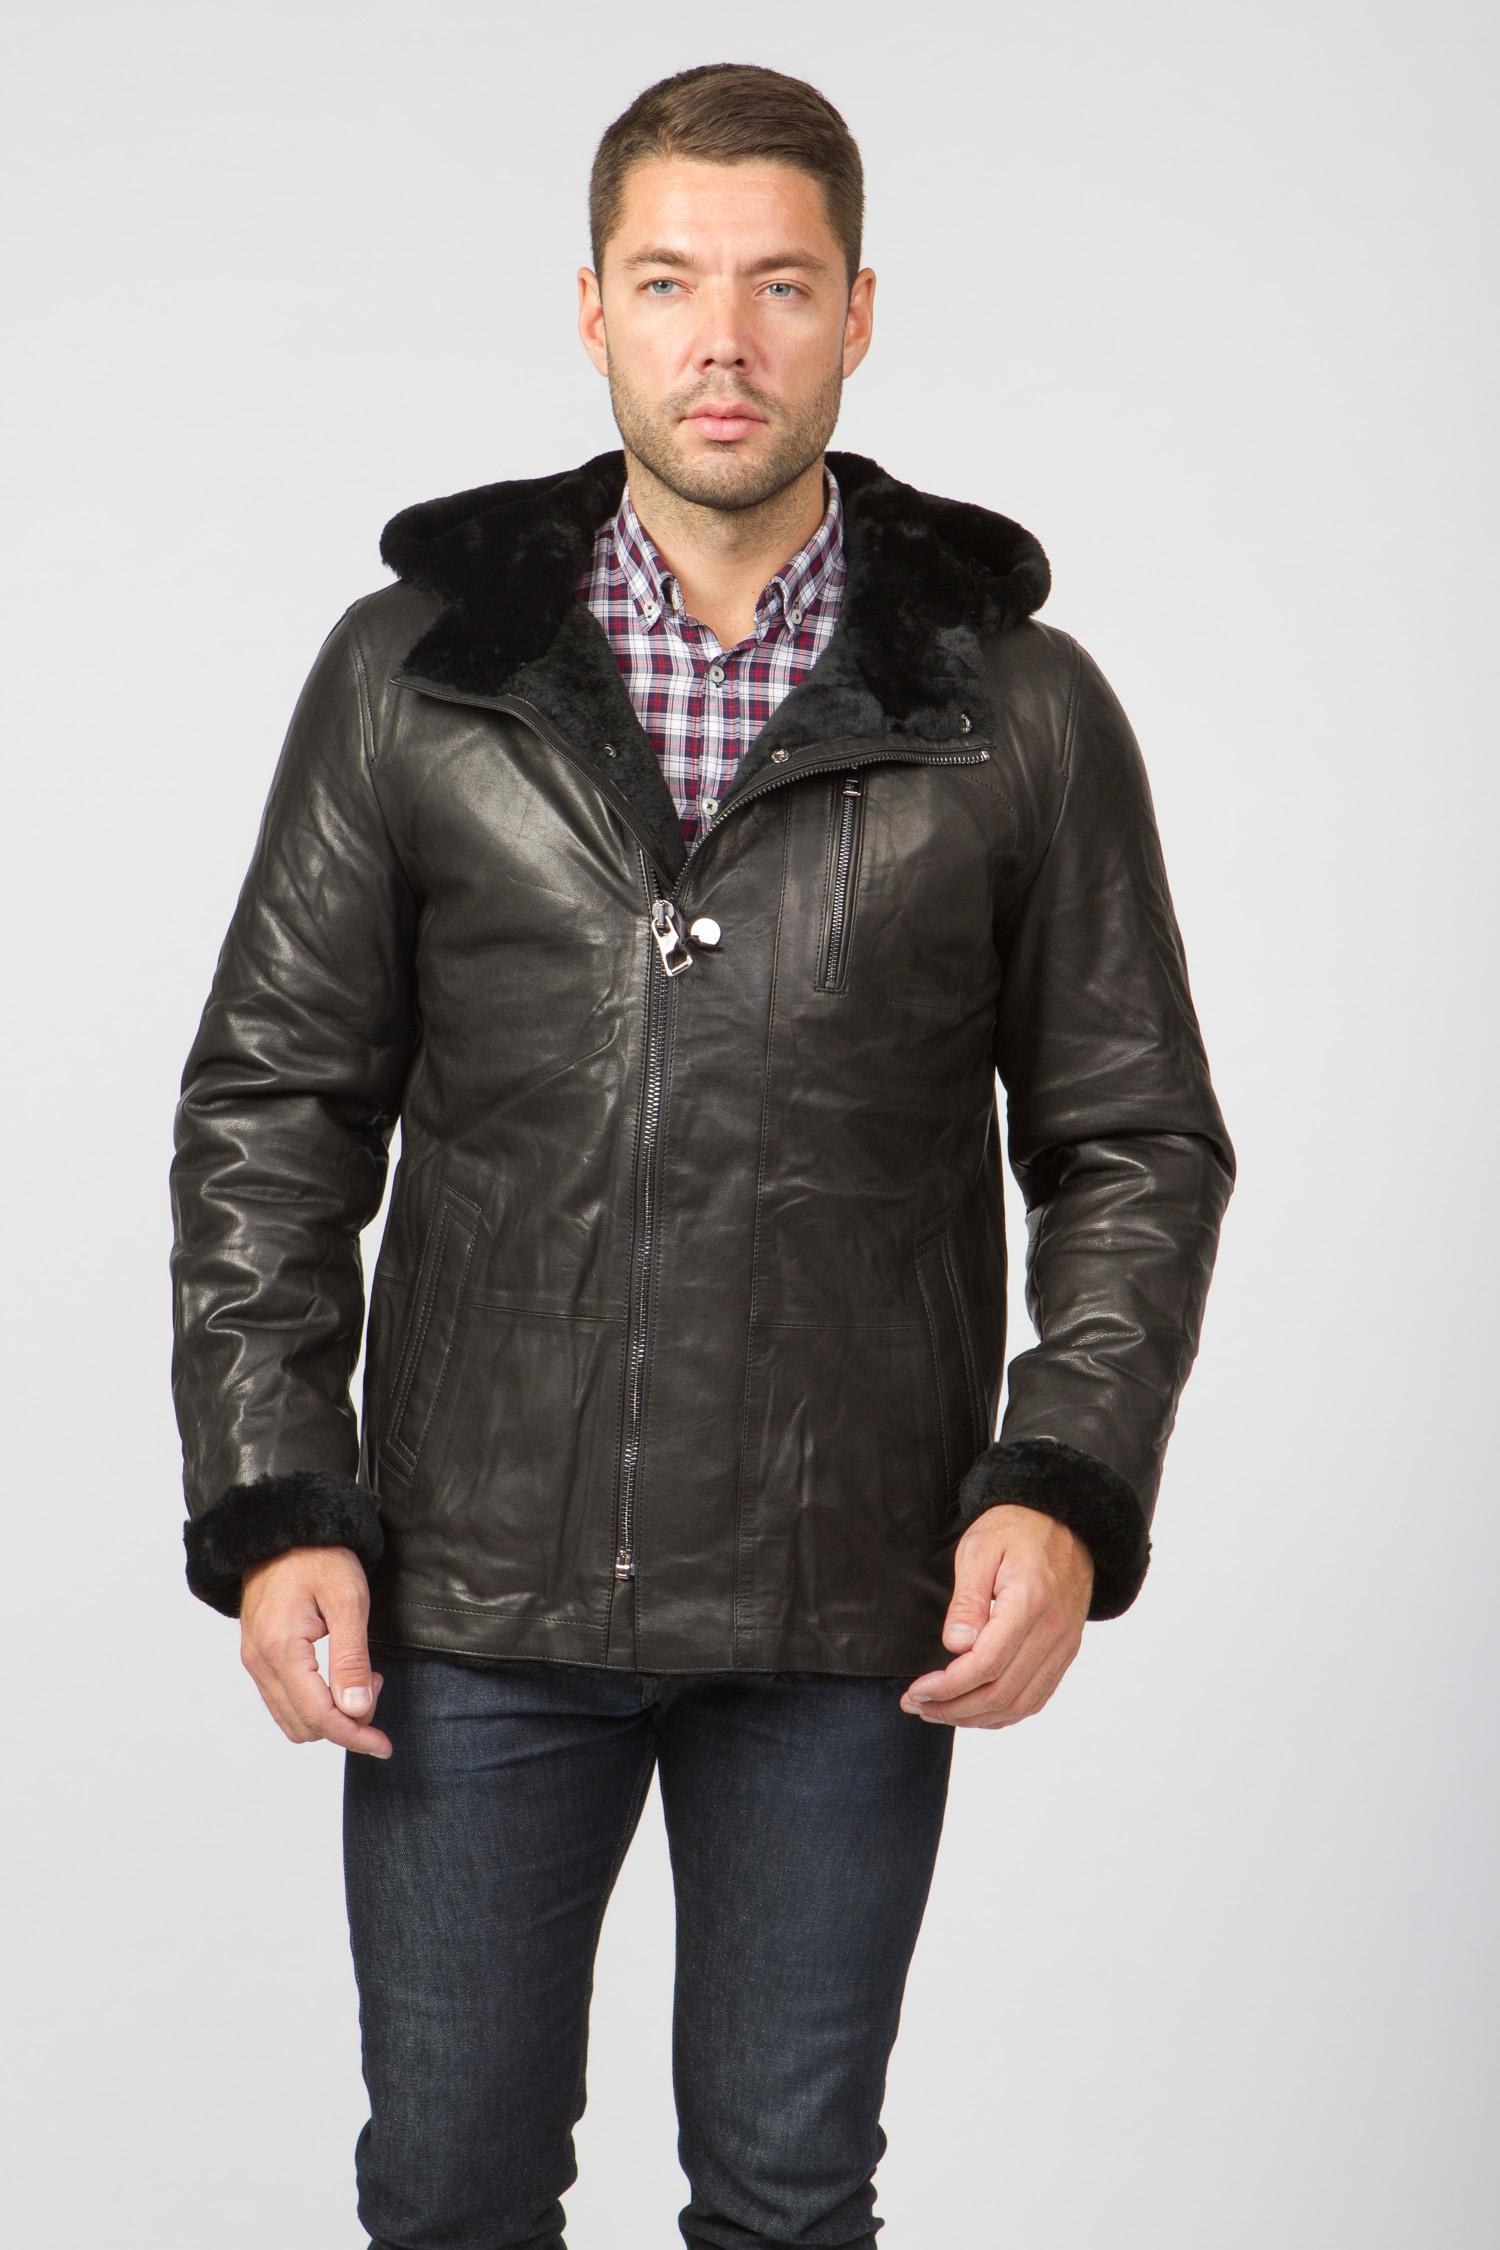 Мужская кожаная куртка из натуральной овчины на меху с капюшоном, без отделки